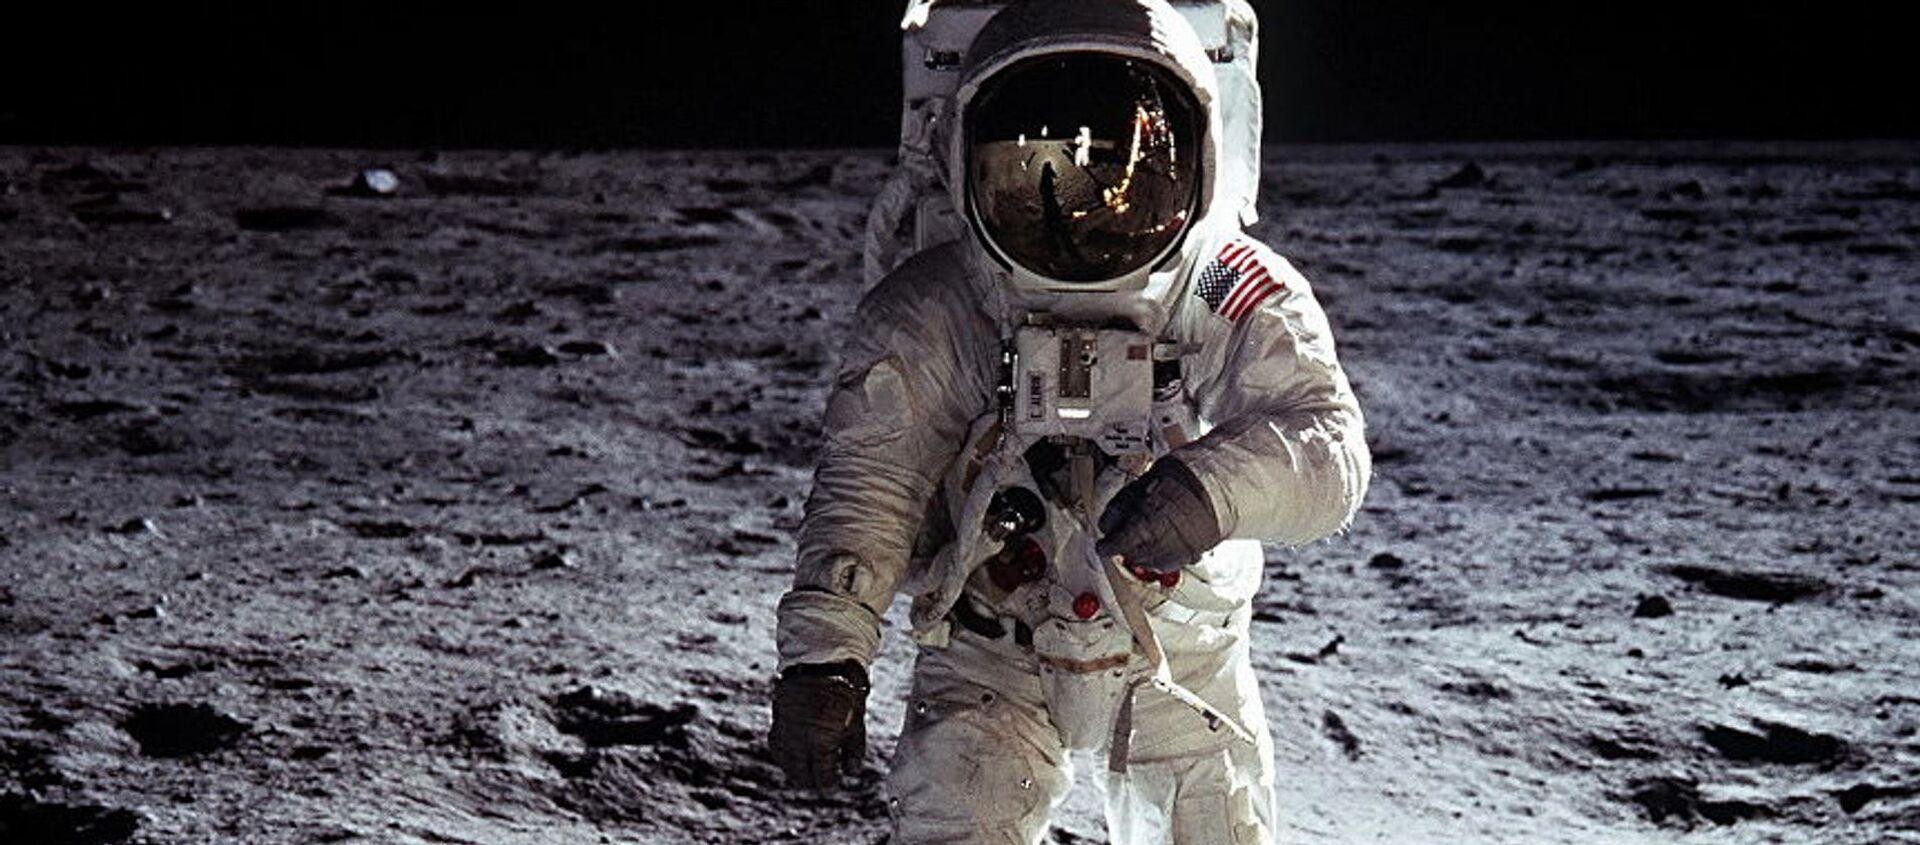 Эдвин Олдрин на поверхности Луны - Sputnik Абхазия, 1920, 20.07.2019